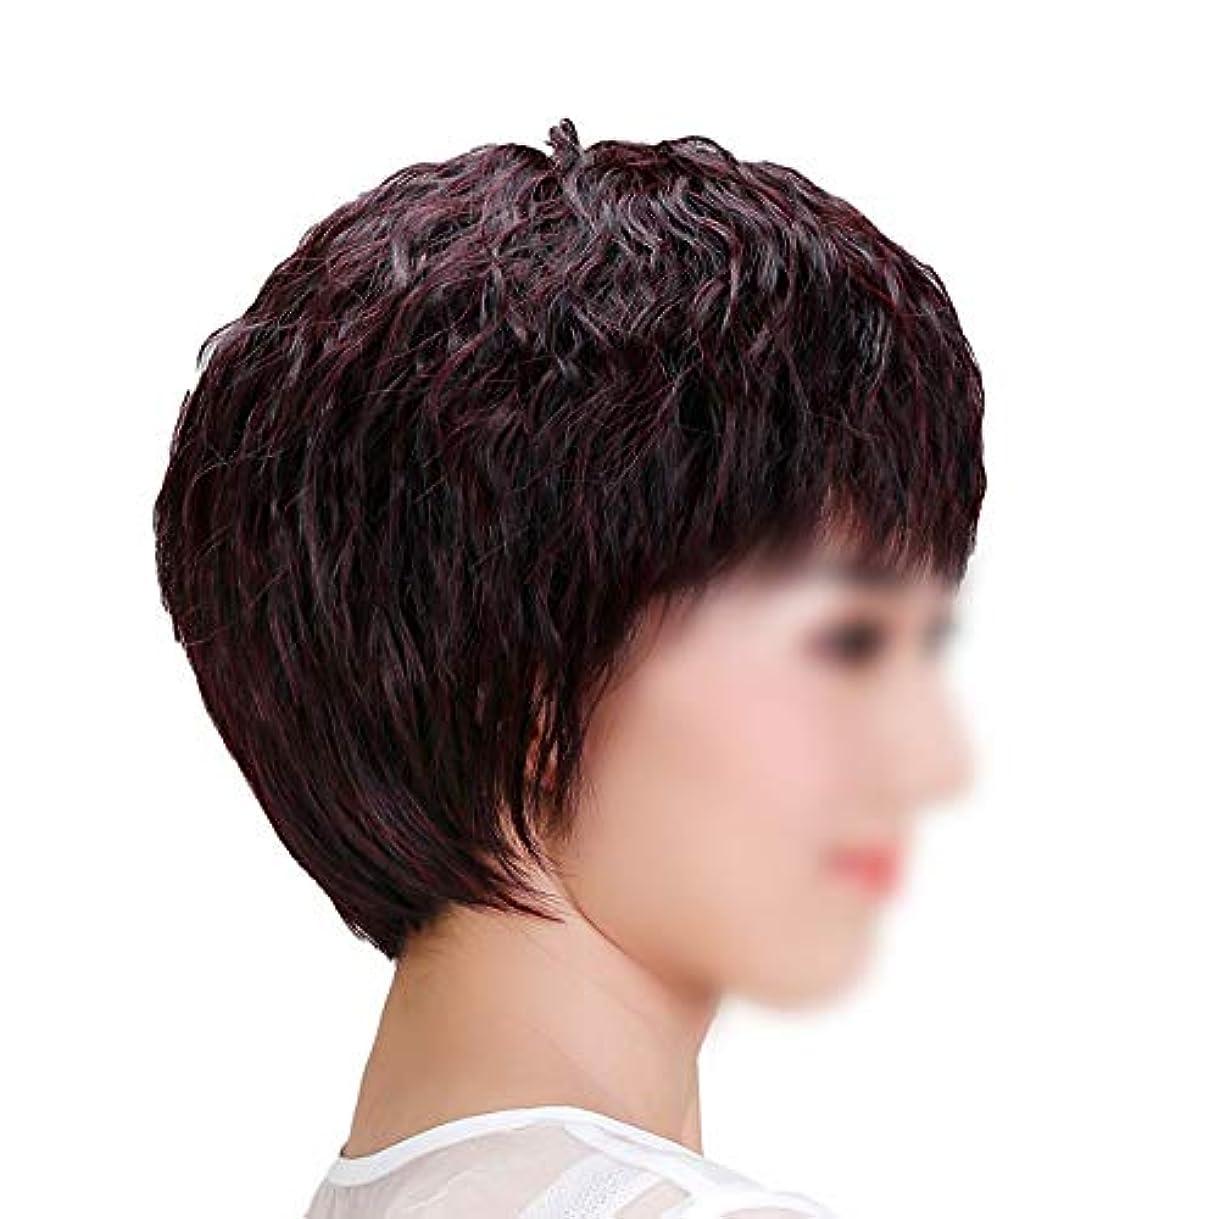 ナインへ申請中サイクルYOUQIU 手織り女子ショートストレートヘアー中年ウィッグ母のギフトウィッグのための自然な人間の髪 (色 : Dark brown, サイズ : Mechanism)